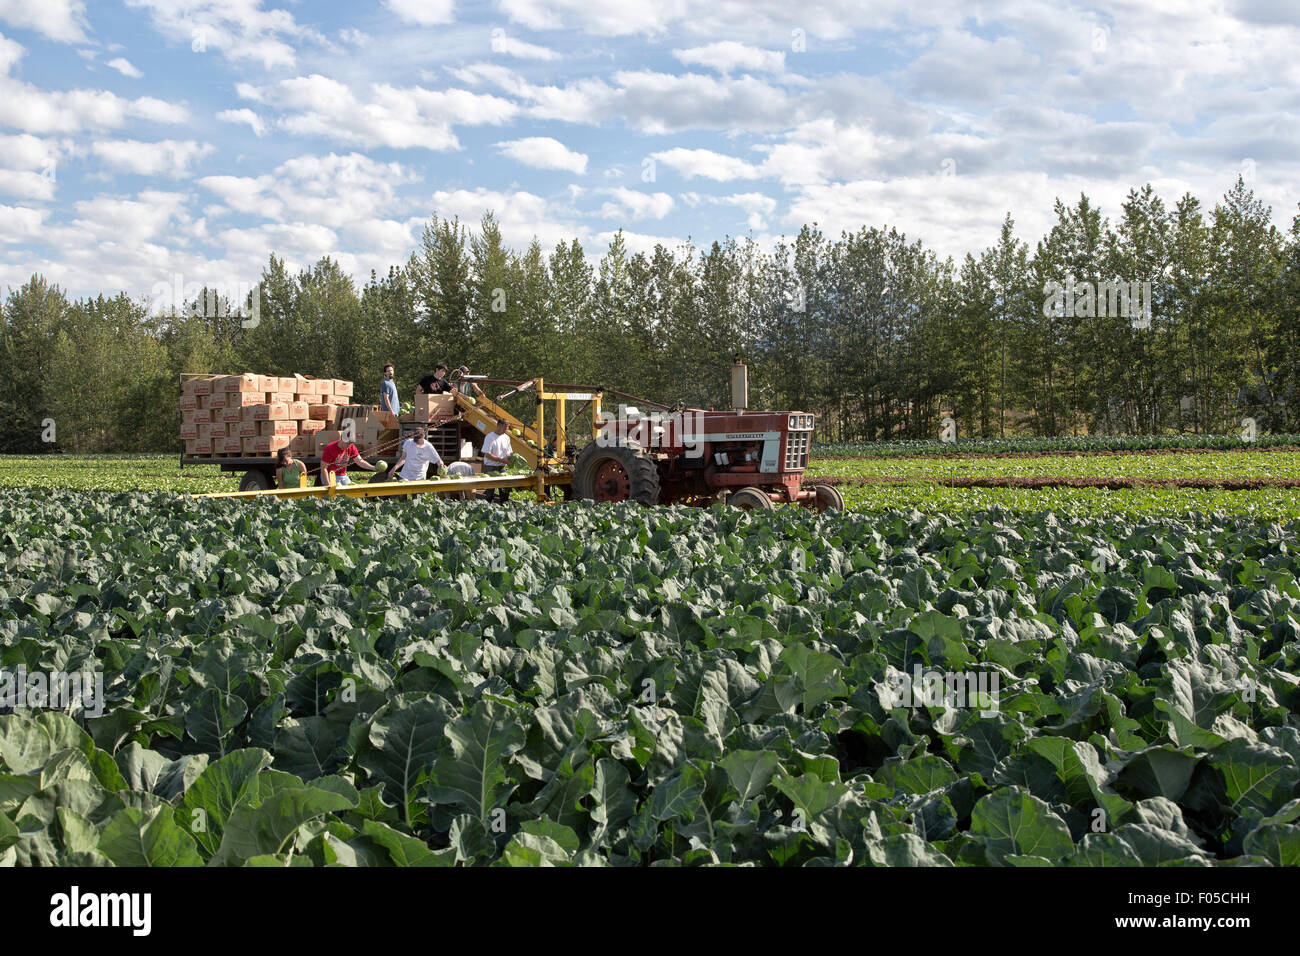 Los trabajadores agrícolas cosechando col. Imagen De Stock